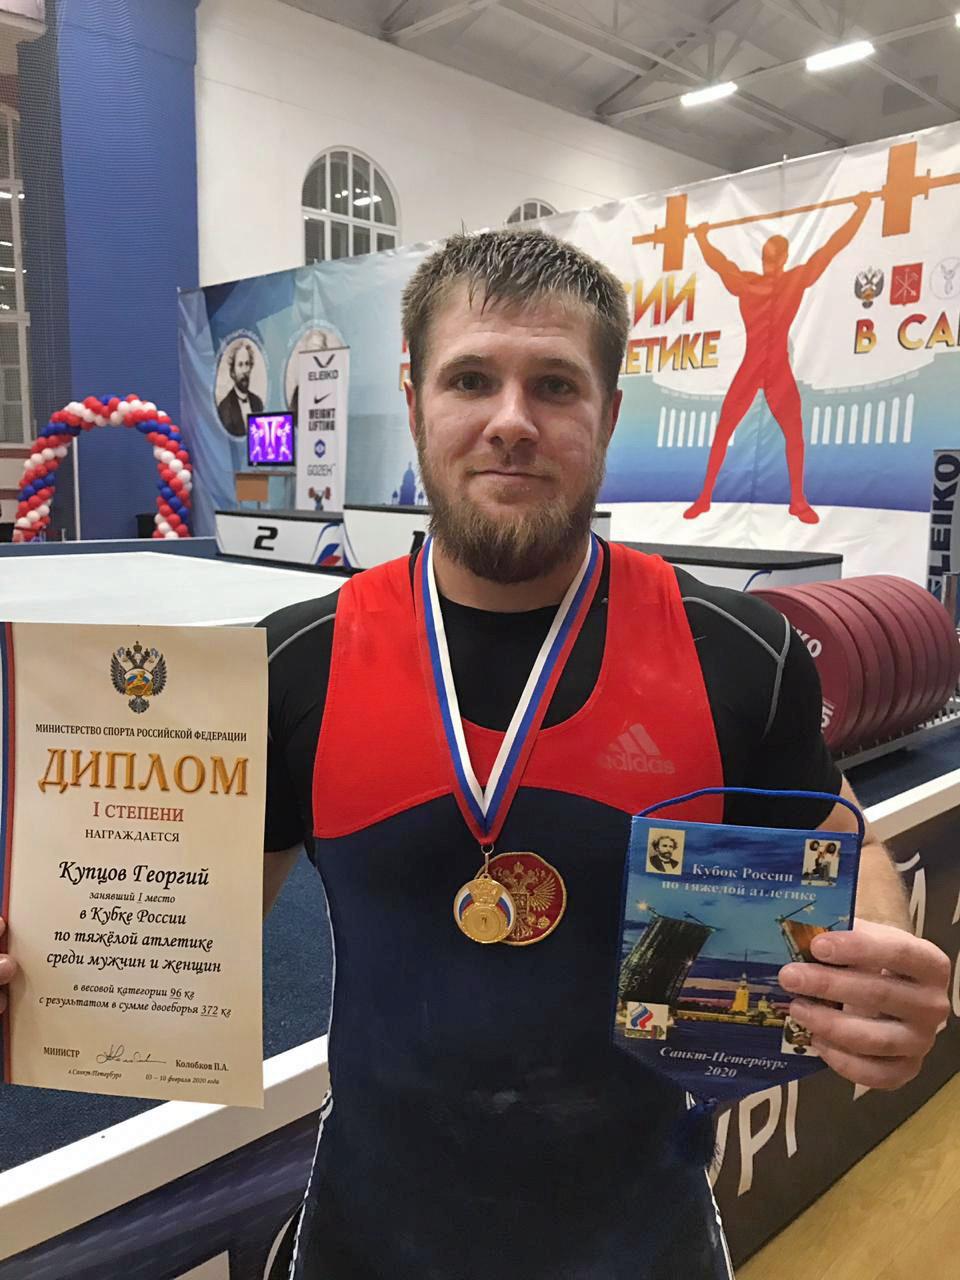 Кубок России 2020 - Георгий Купцов